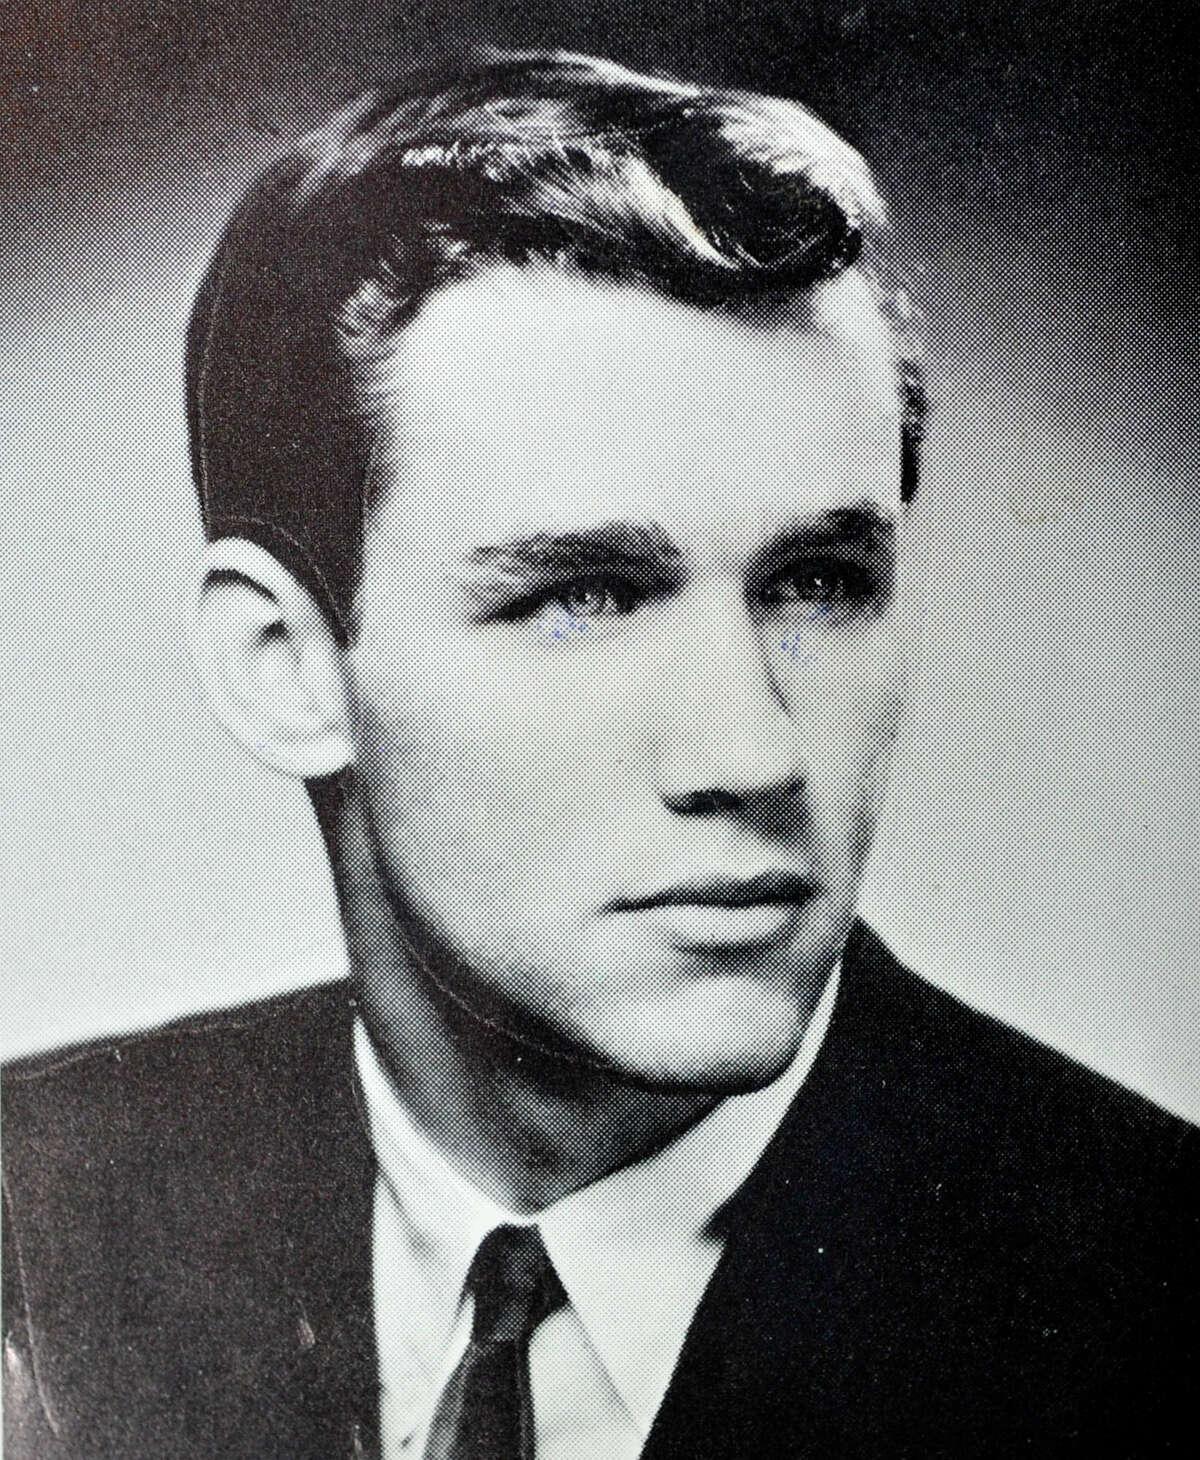 Steve Simmons is seen in his yearbook from Wheatley High School in Old Westbury, N.Y., from 1963.